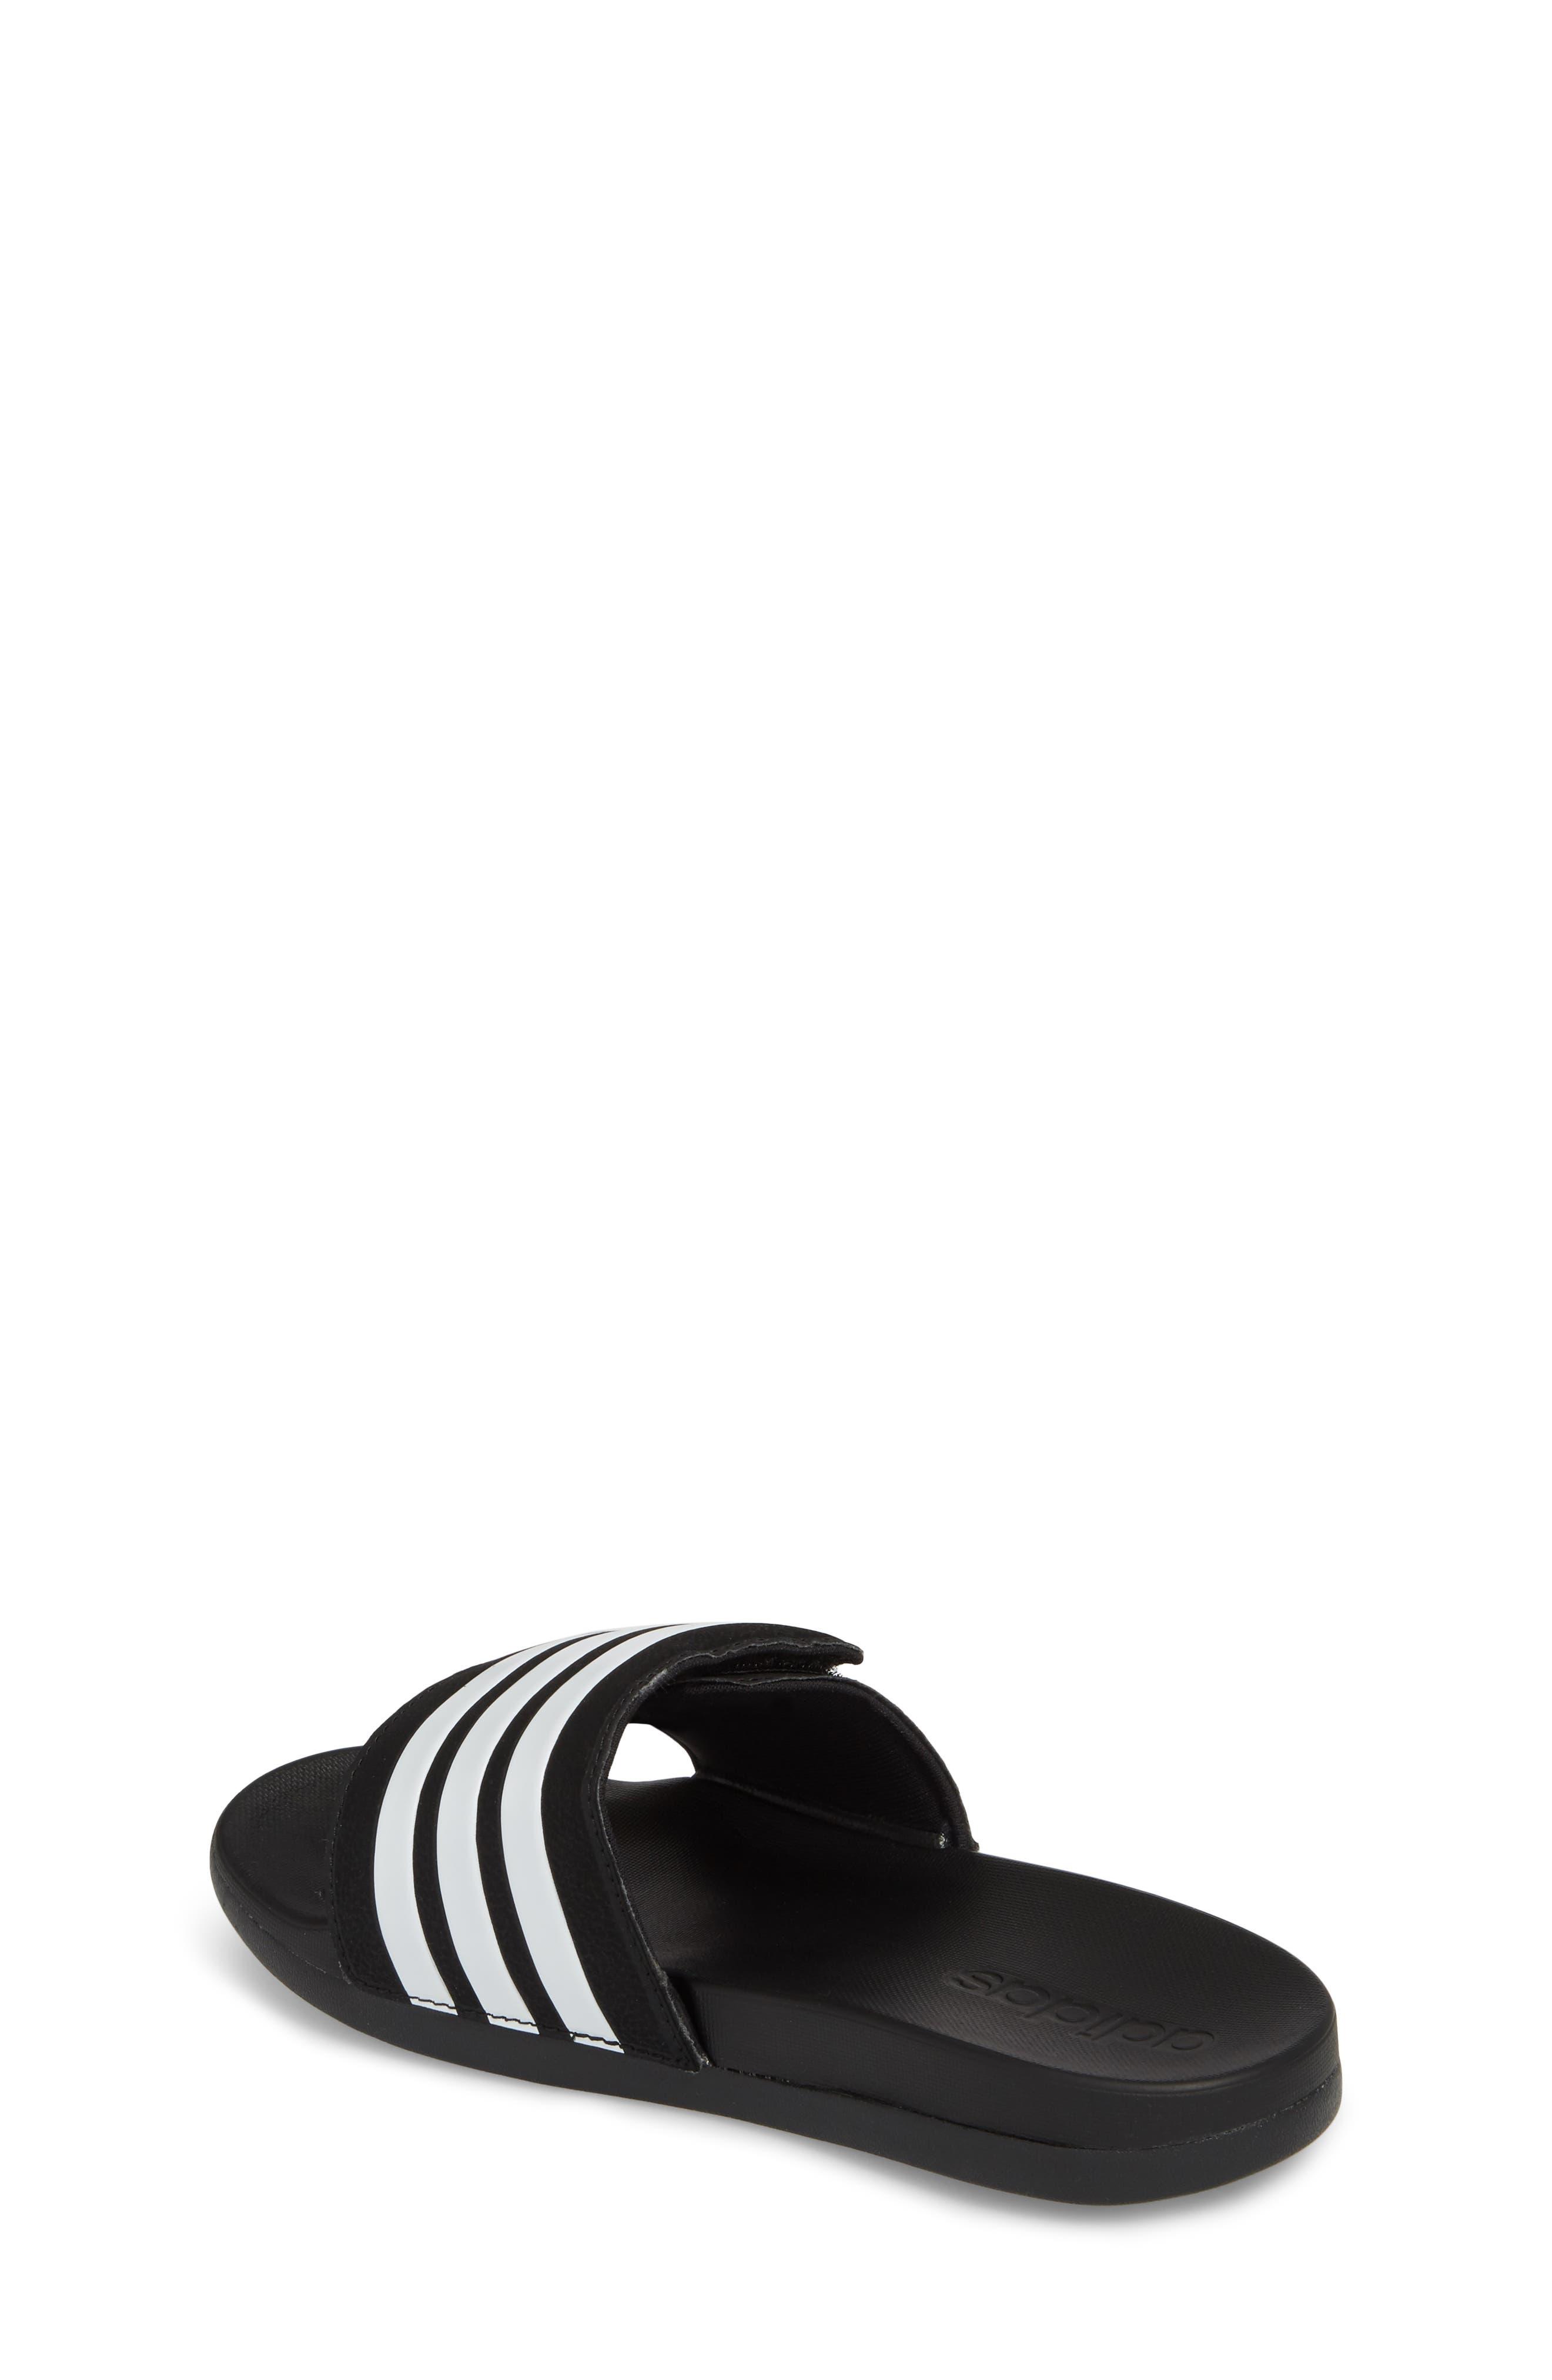 Adilette Slide Sandal,                             Alternate thumbnail 2, color,                             BLACK/ WHITE